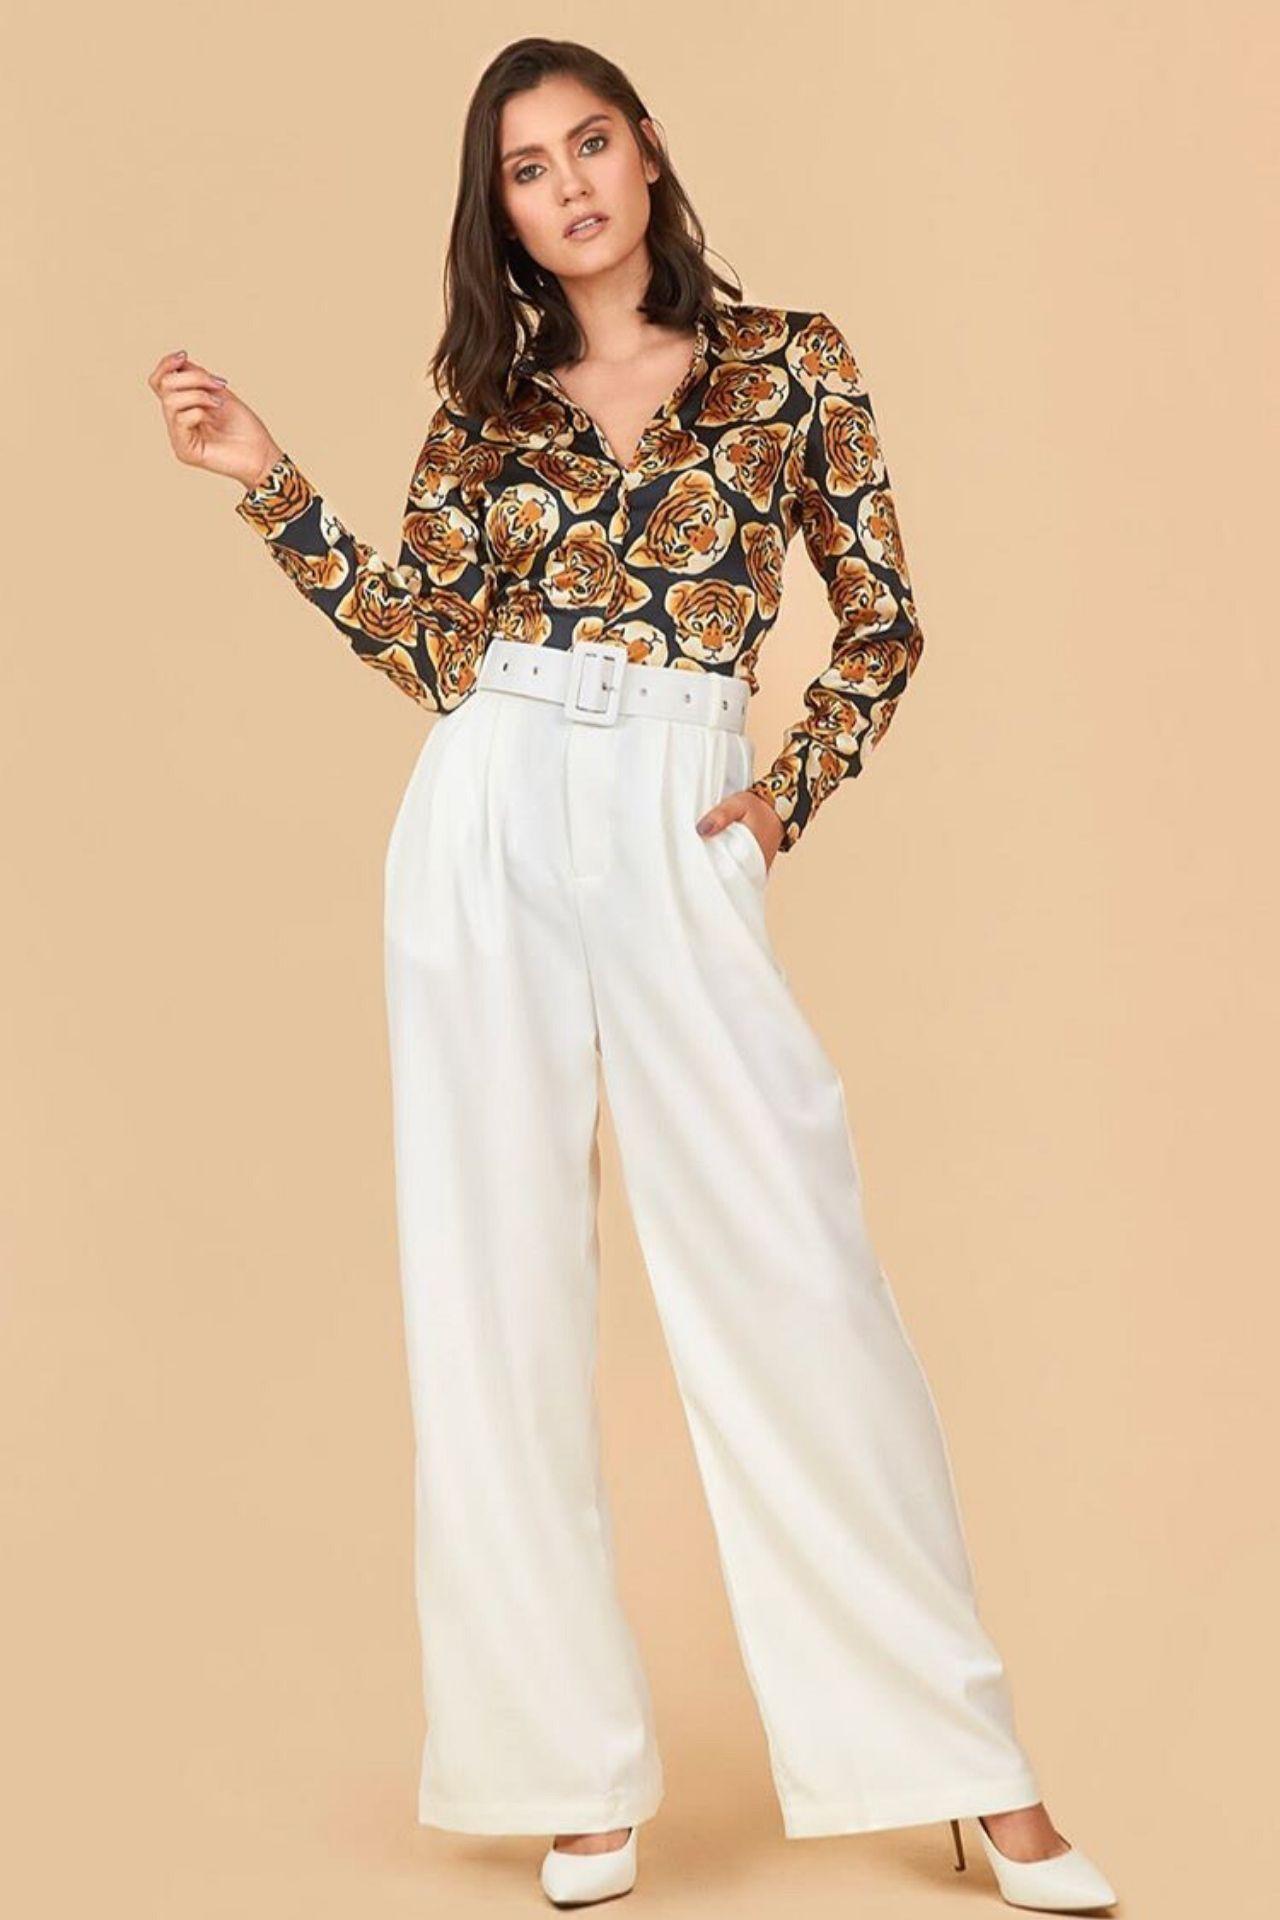 Camila es un must de temporada, hecho de lino italiano con la basta acampanada.  Tambien viene incluido una correa forrada con la misma tela, para ayudar a estilizar más la prenda.  Estaprenda hermosa y fresca puede ser usado para una ocasión formal o casual.